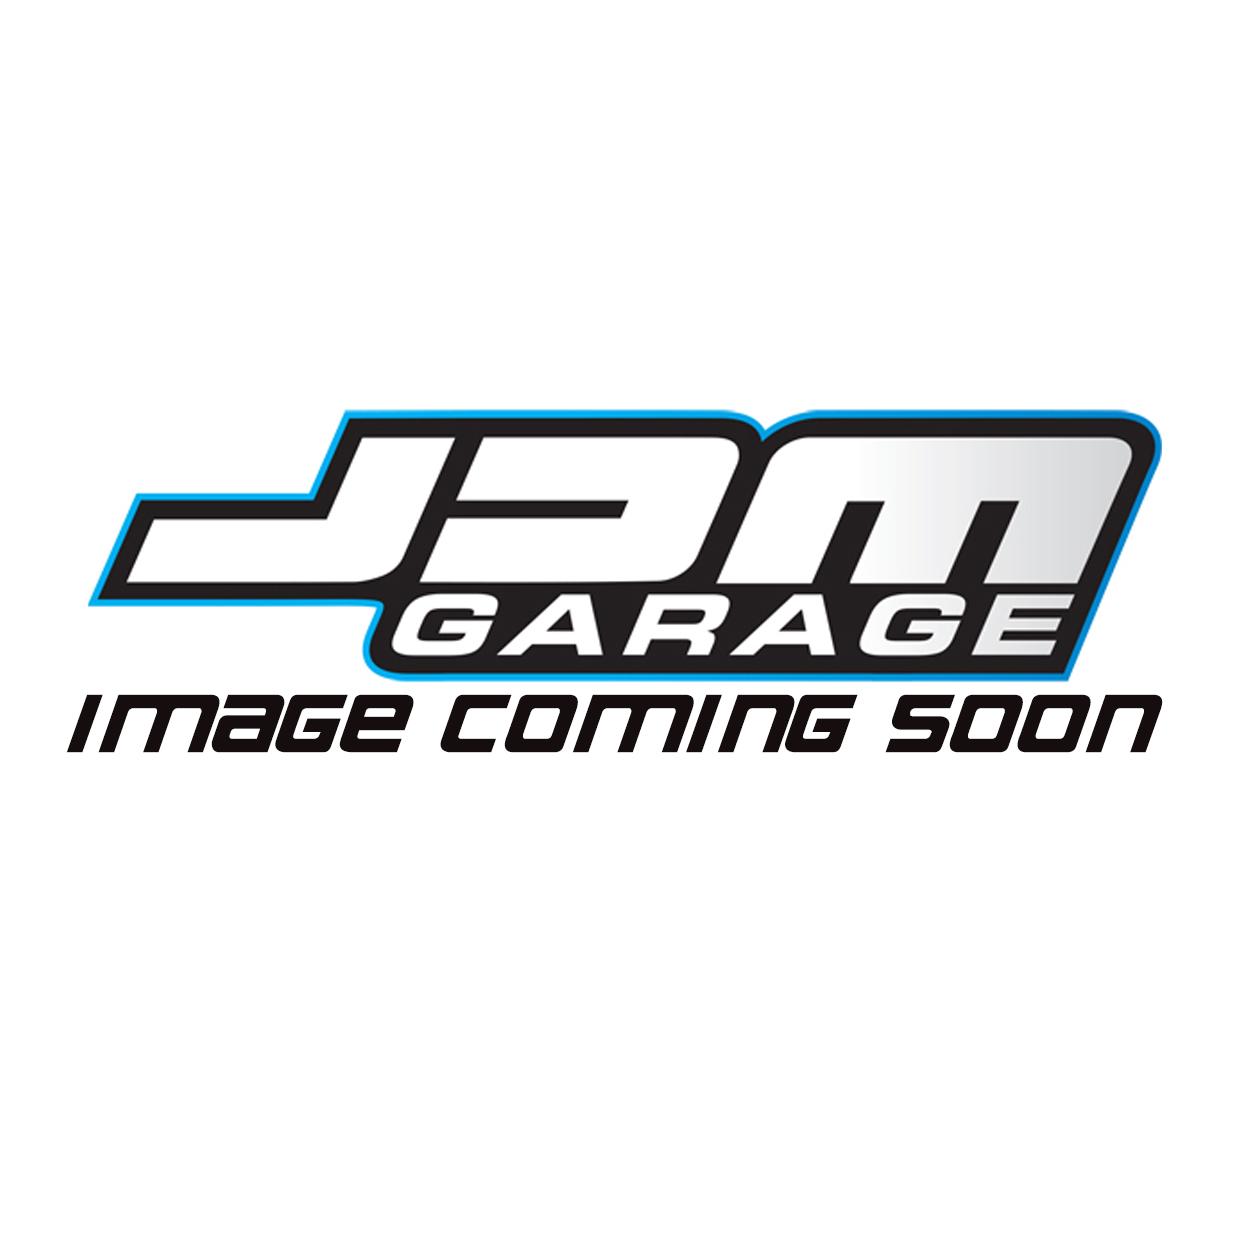 DeatschWerks SR20DET Side Feed Injector Kits Nissan Silvia S13 180SX / S14 200SX / S15